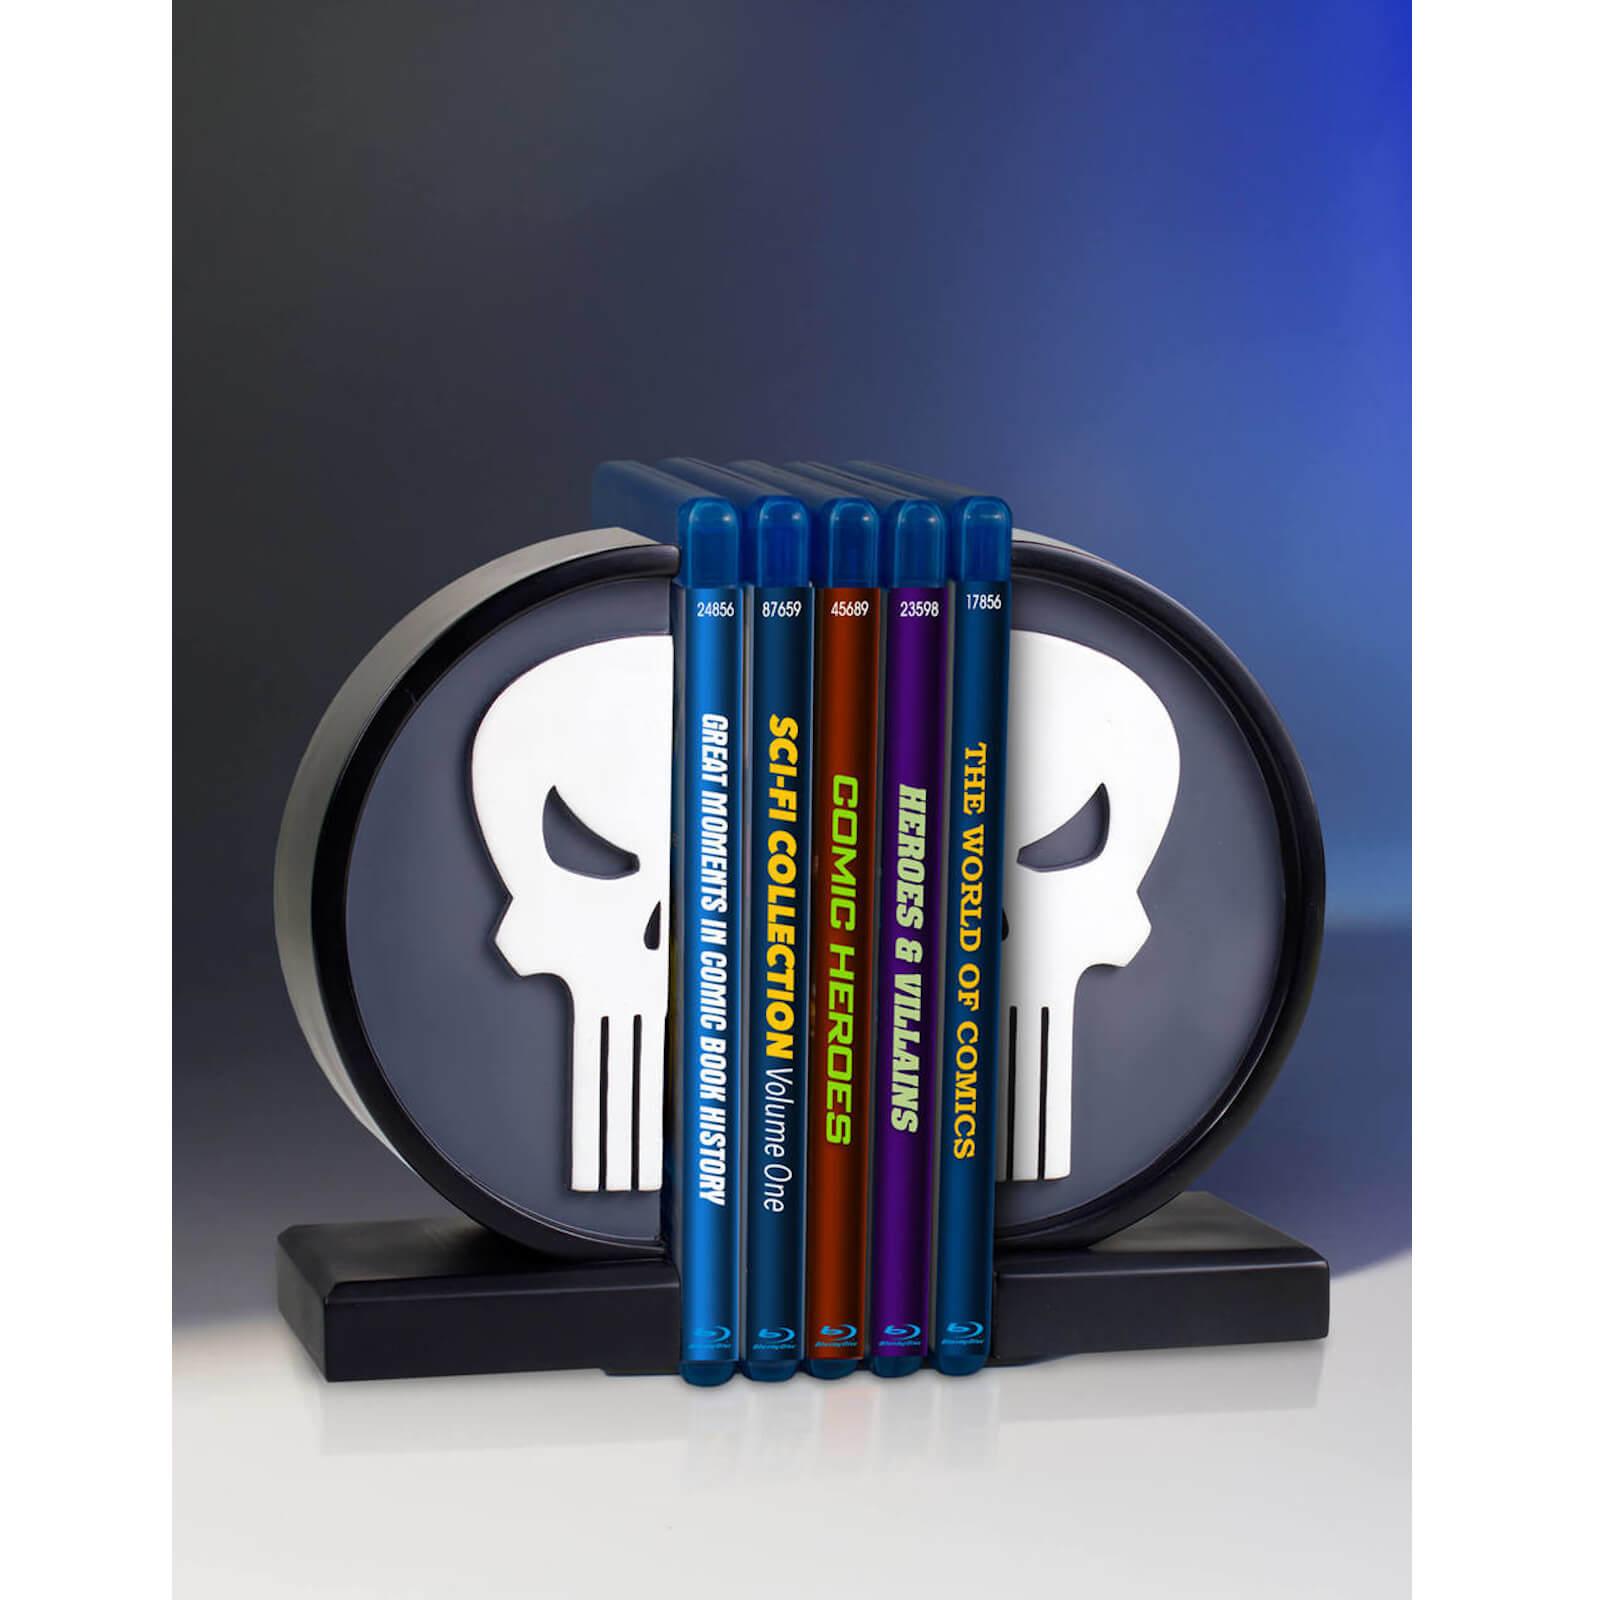 THE PUNISHER (Edición Limitada Oficial de Marvel): Sujetalibros, juegos, Dvd, Steelbooks, etc..